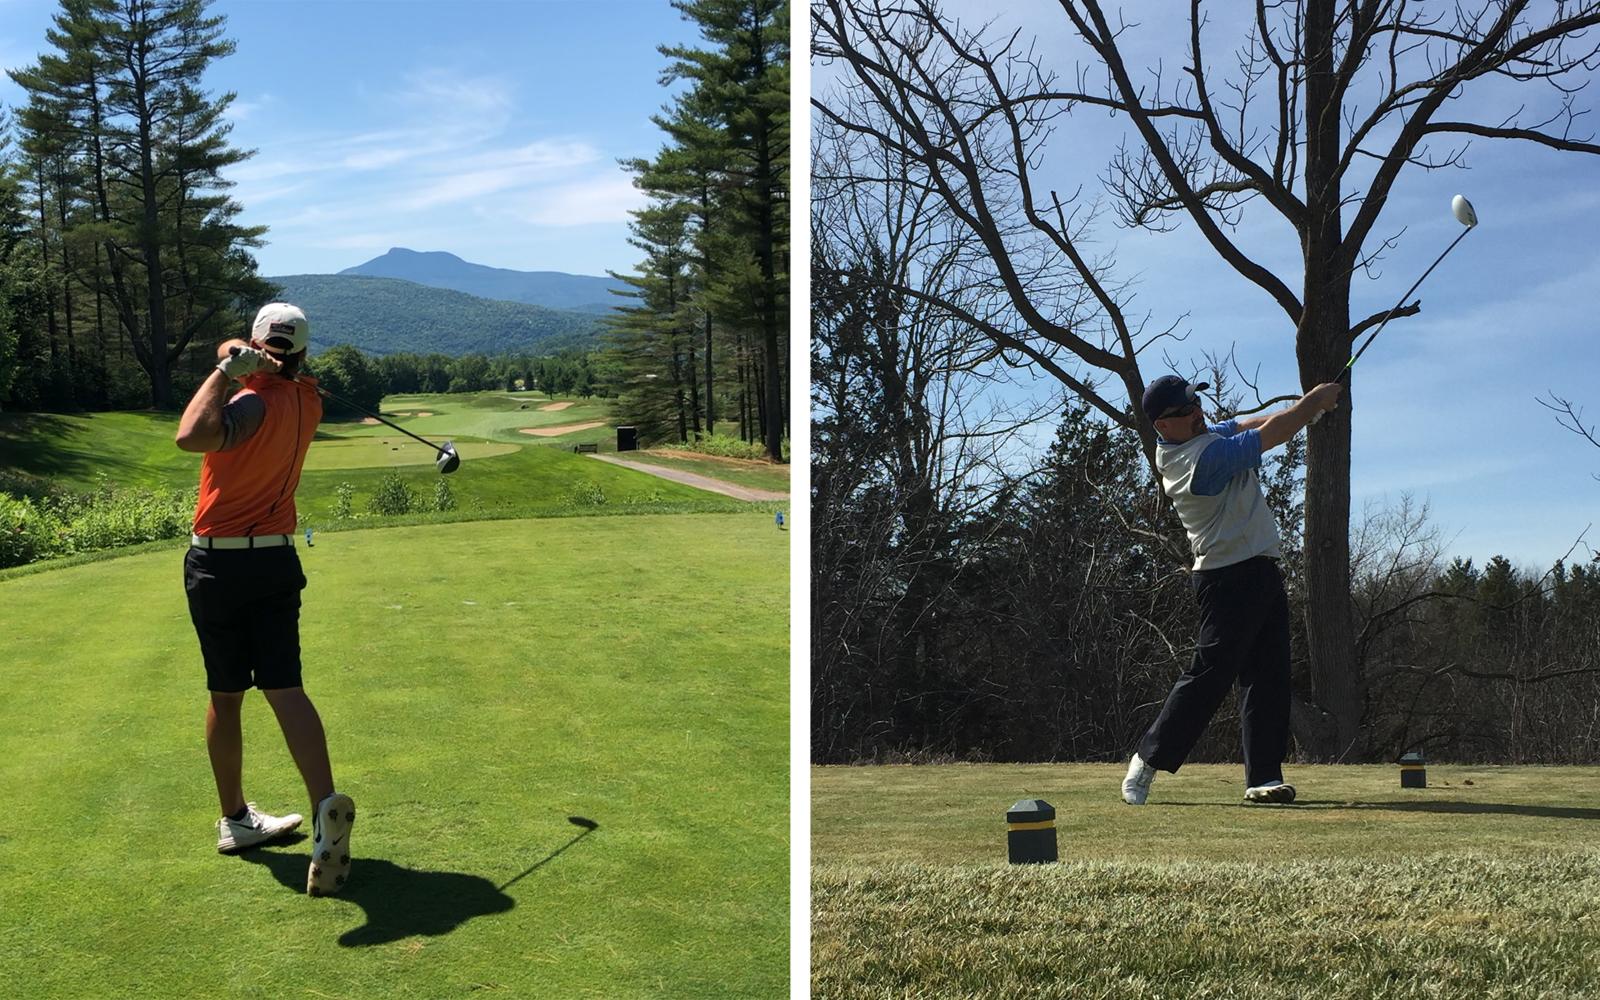 team manley - Ryan Manley (Essex Junction, VT) & Mark Manley (Essex Junction, VT)Father-son duo from Vermont.